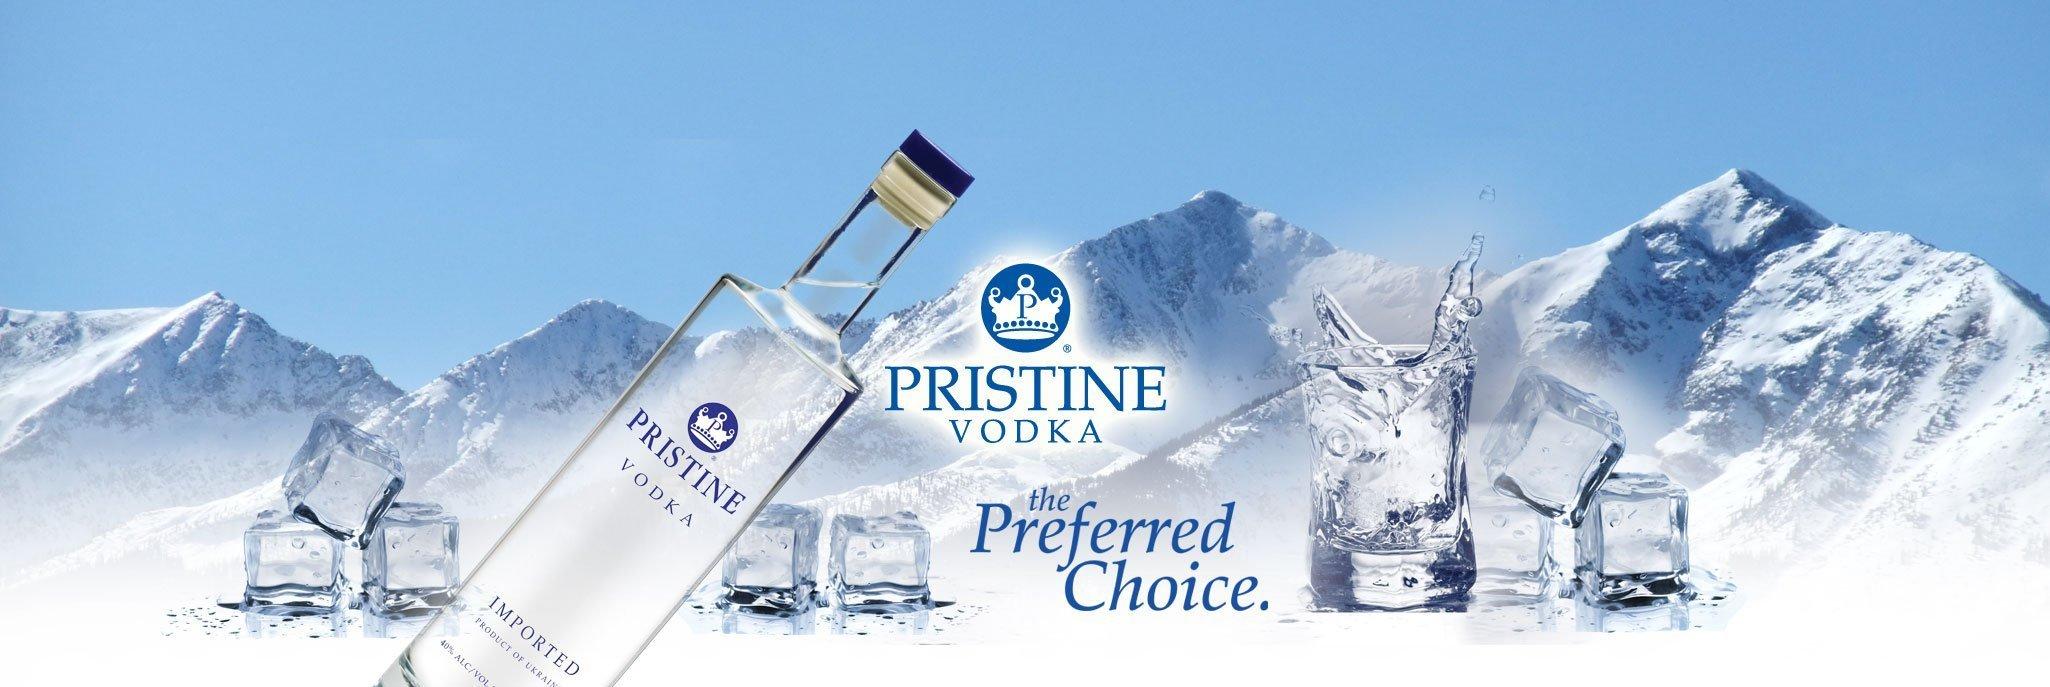 best vodka store